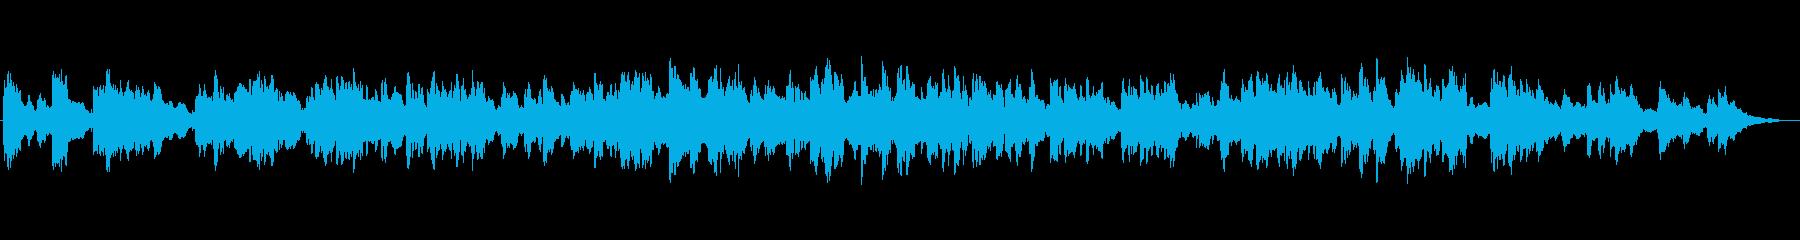 キラキラしたエレピが心地よいバラードの再生済みの波形